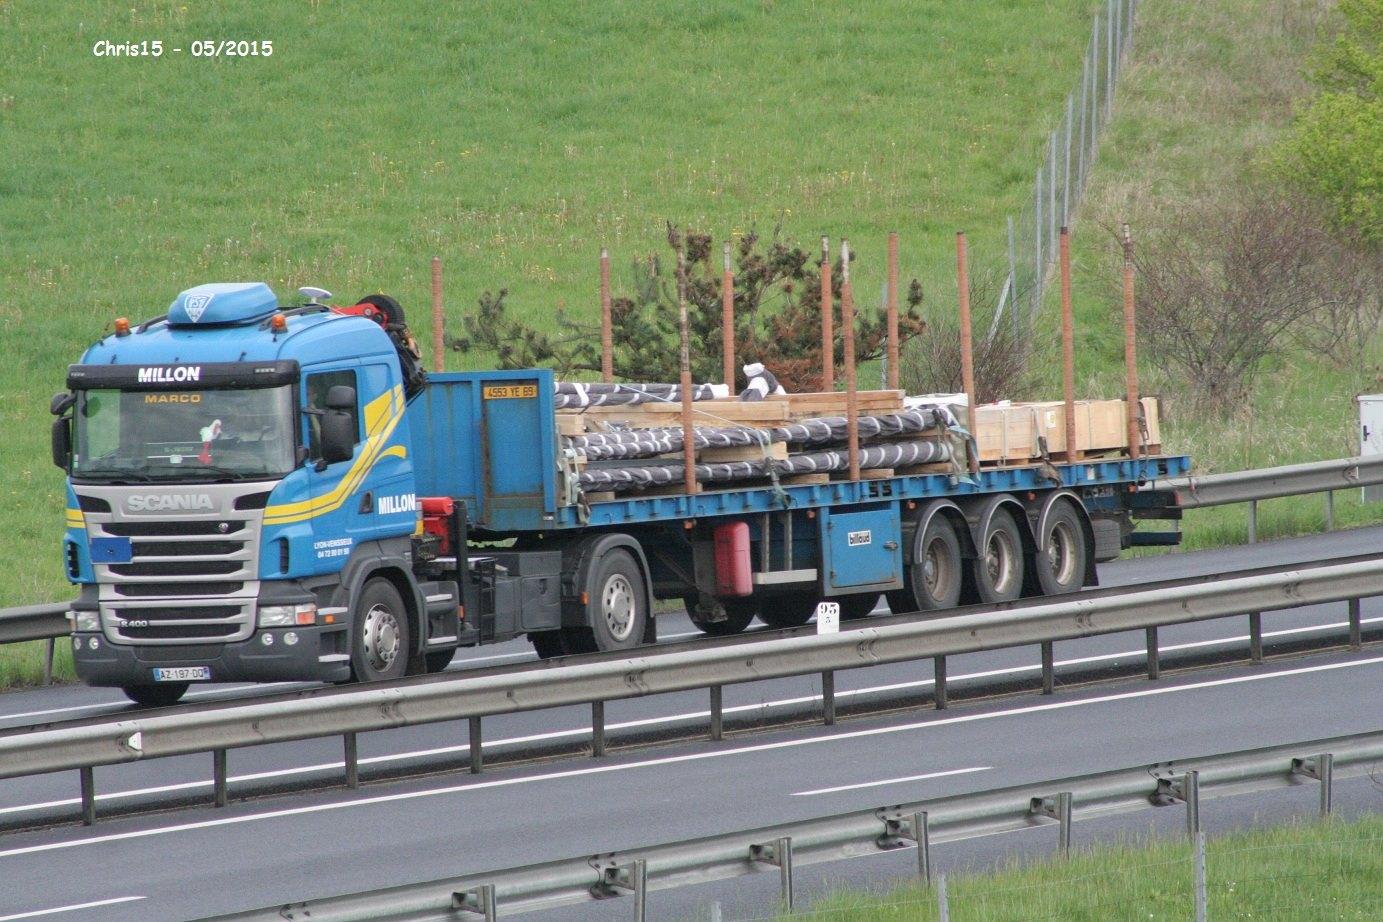 Les-transporteurs-europeens-disparus-15